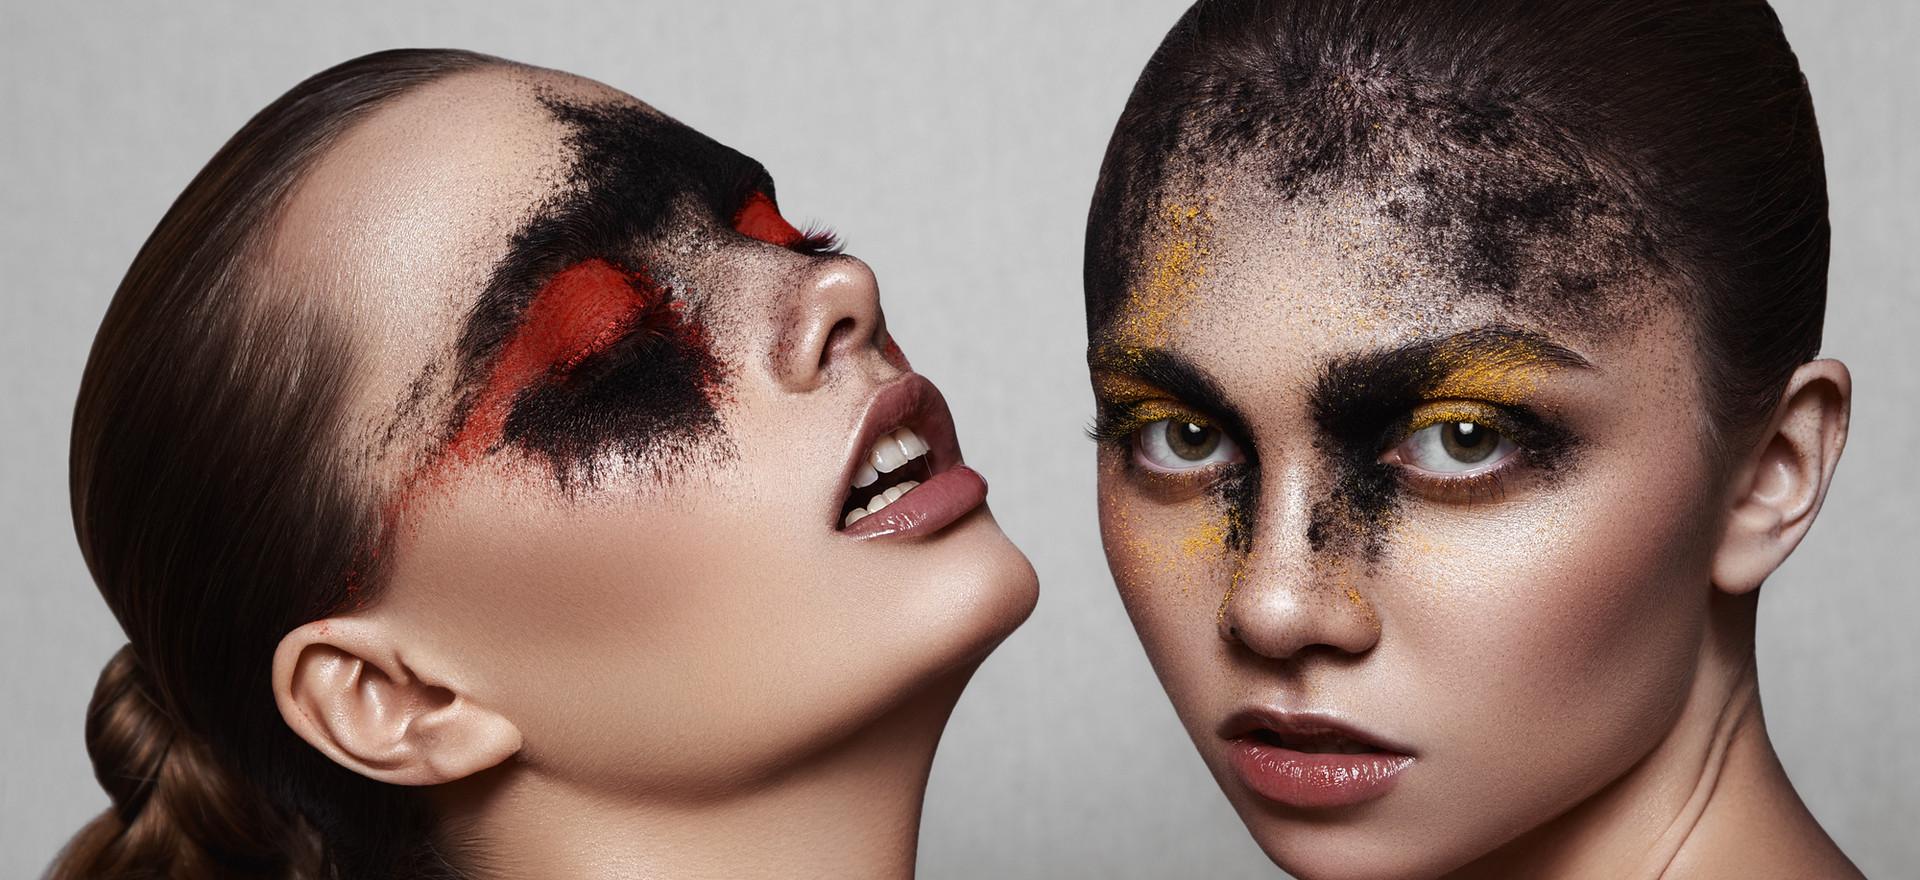 Makeup-Artist masterclass